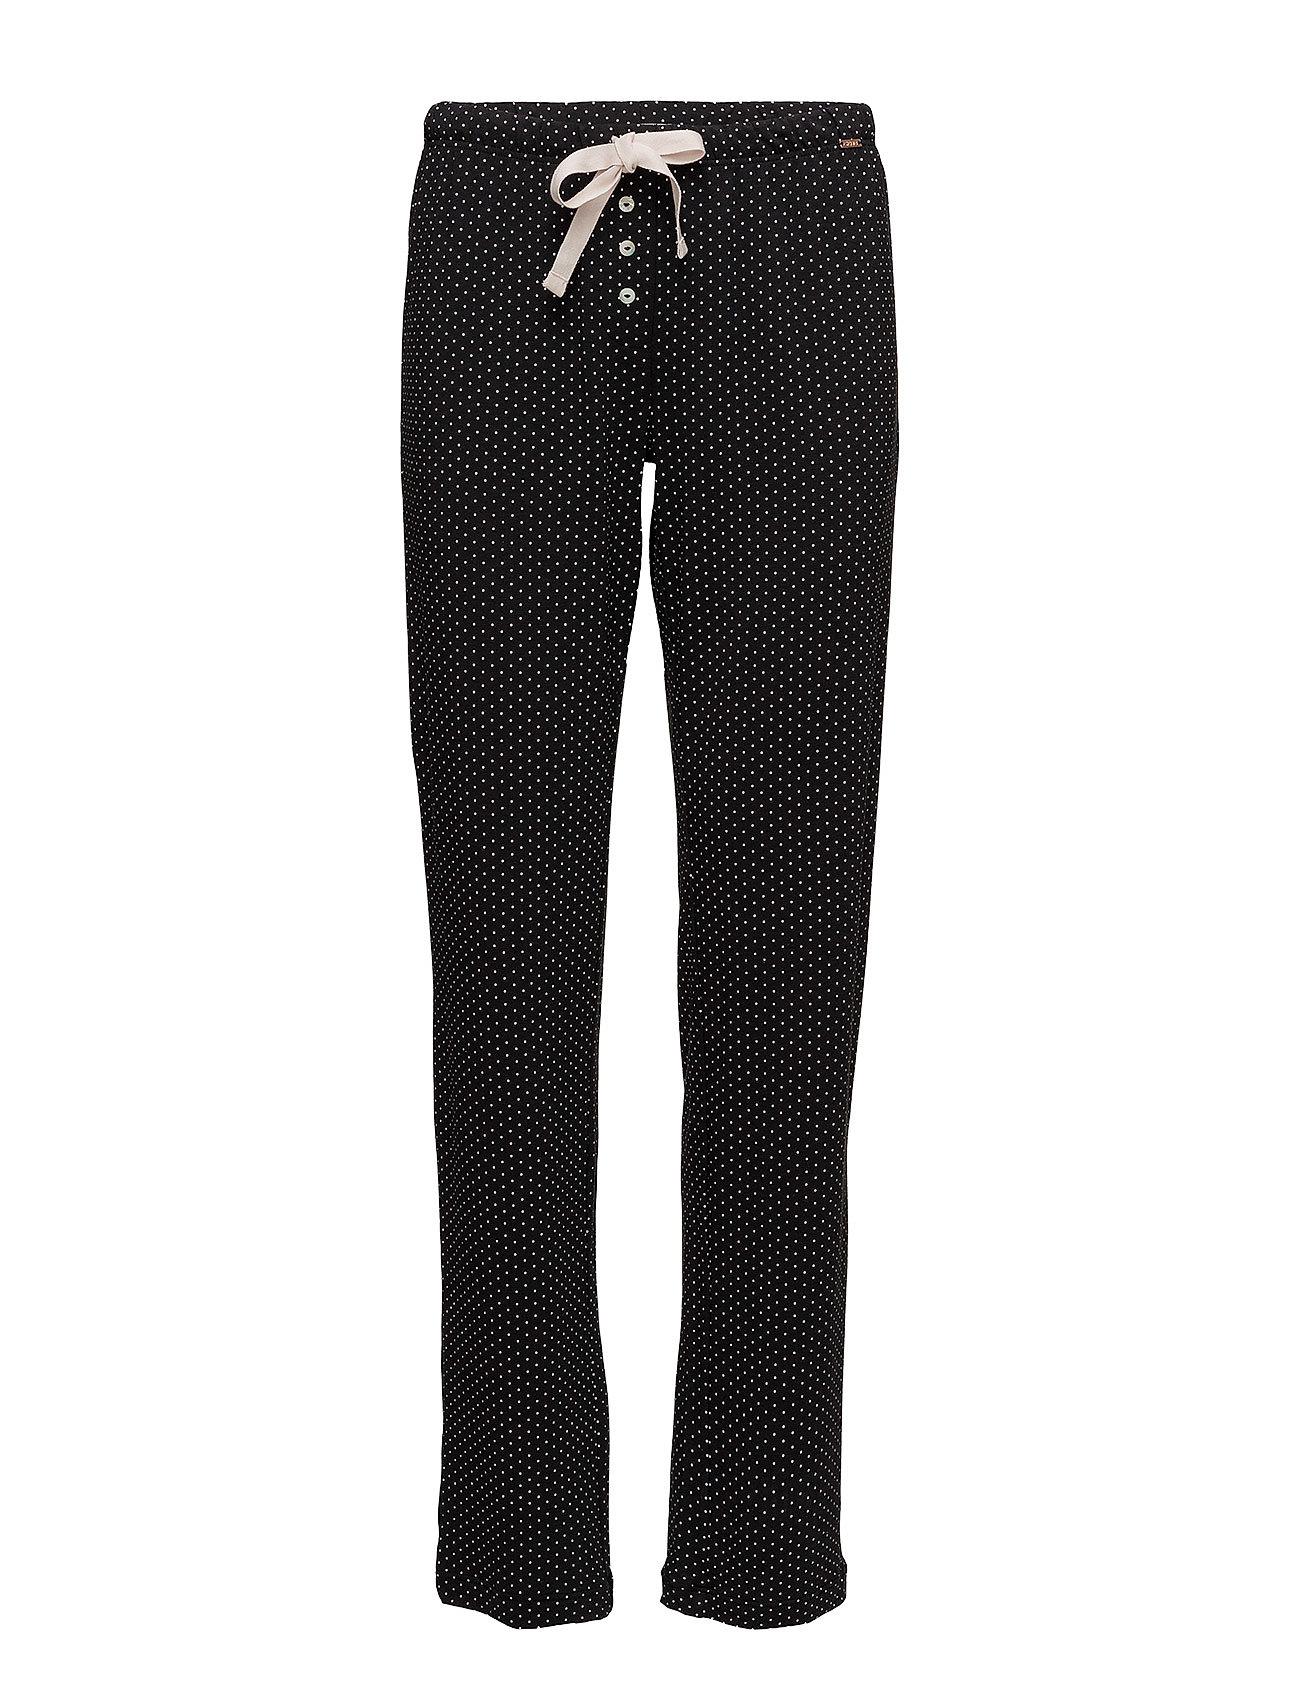 Skiny L. pants long - BLACK DOTS